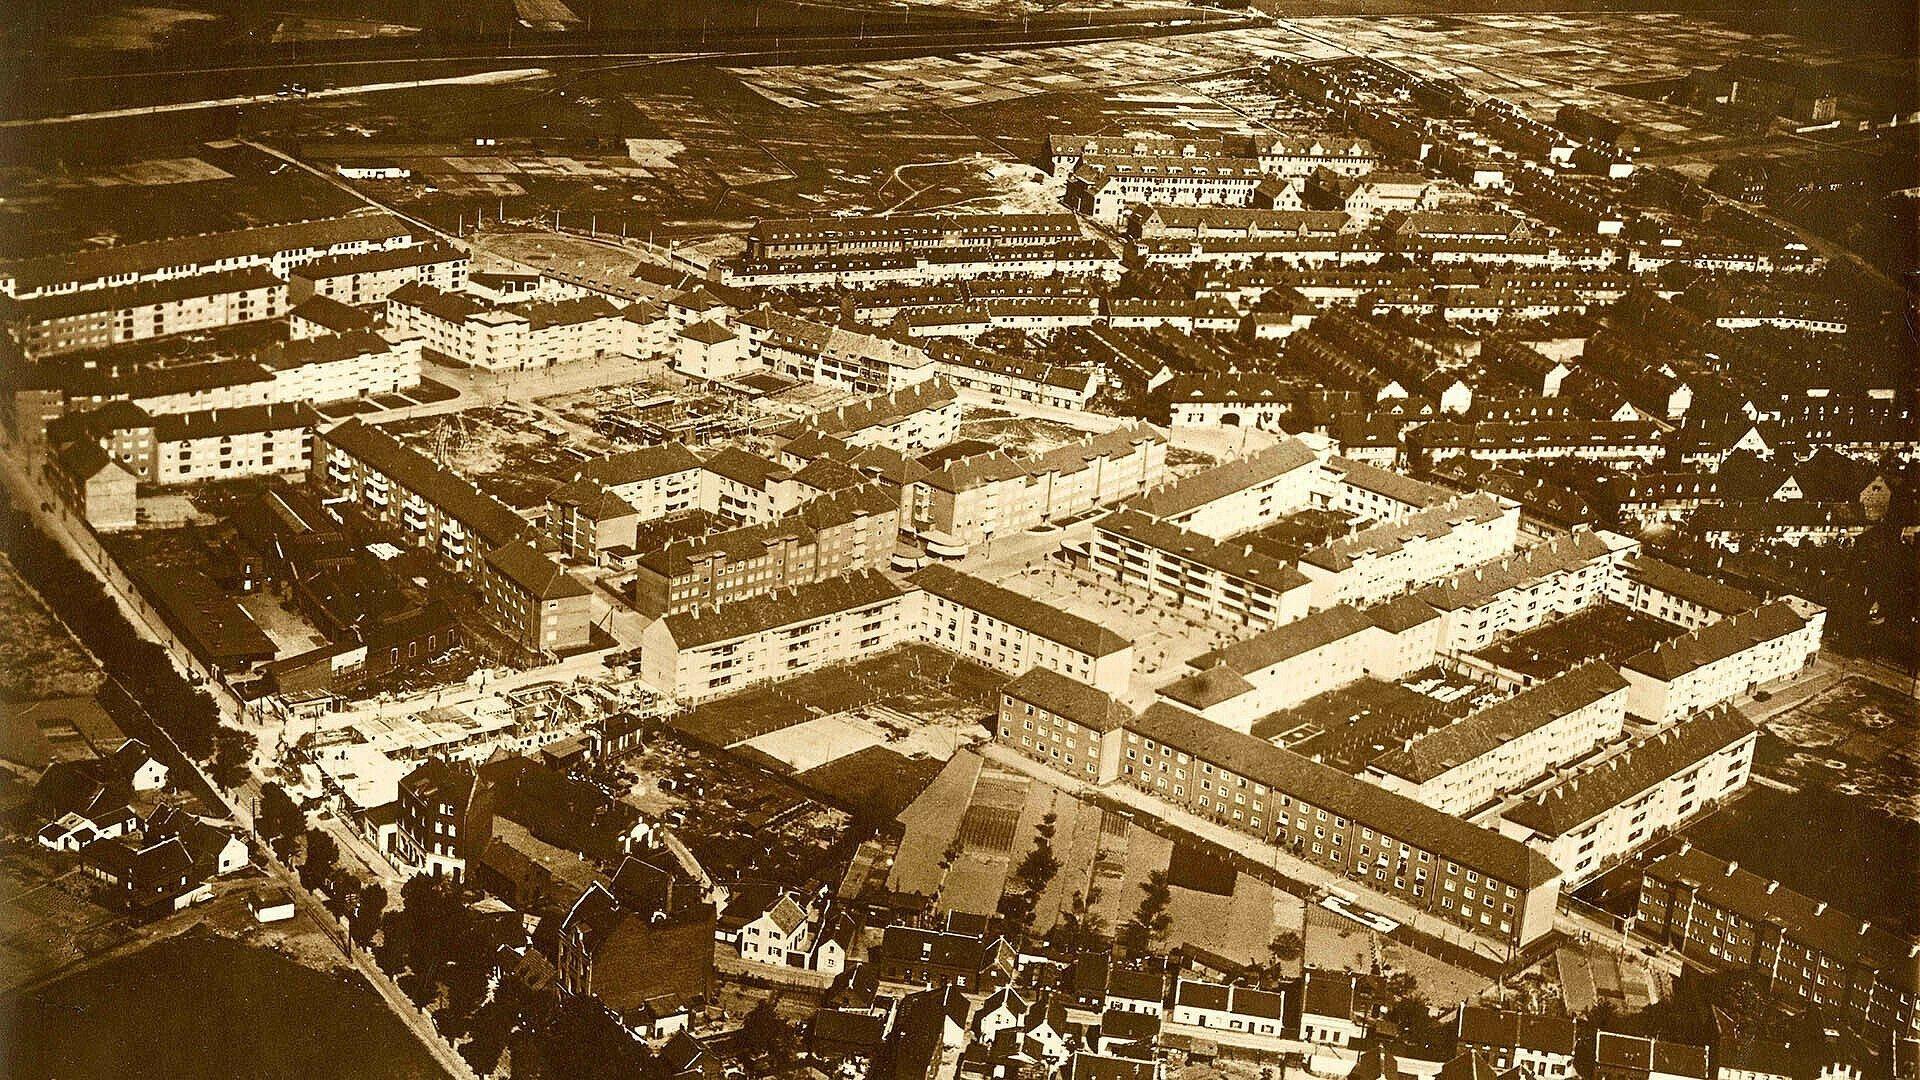 Historische Luftaufnahme der Rosenhofsiedlung in Bickendorf